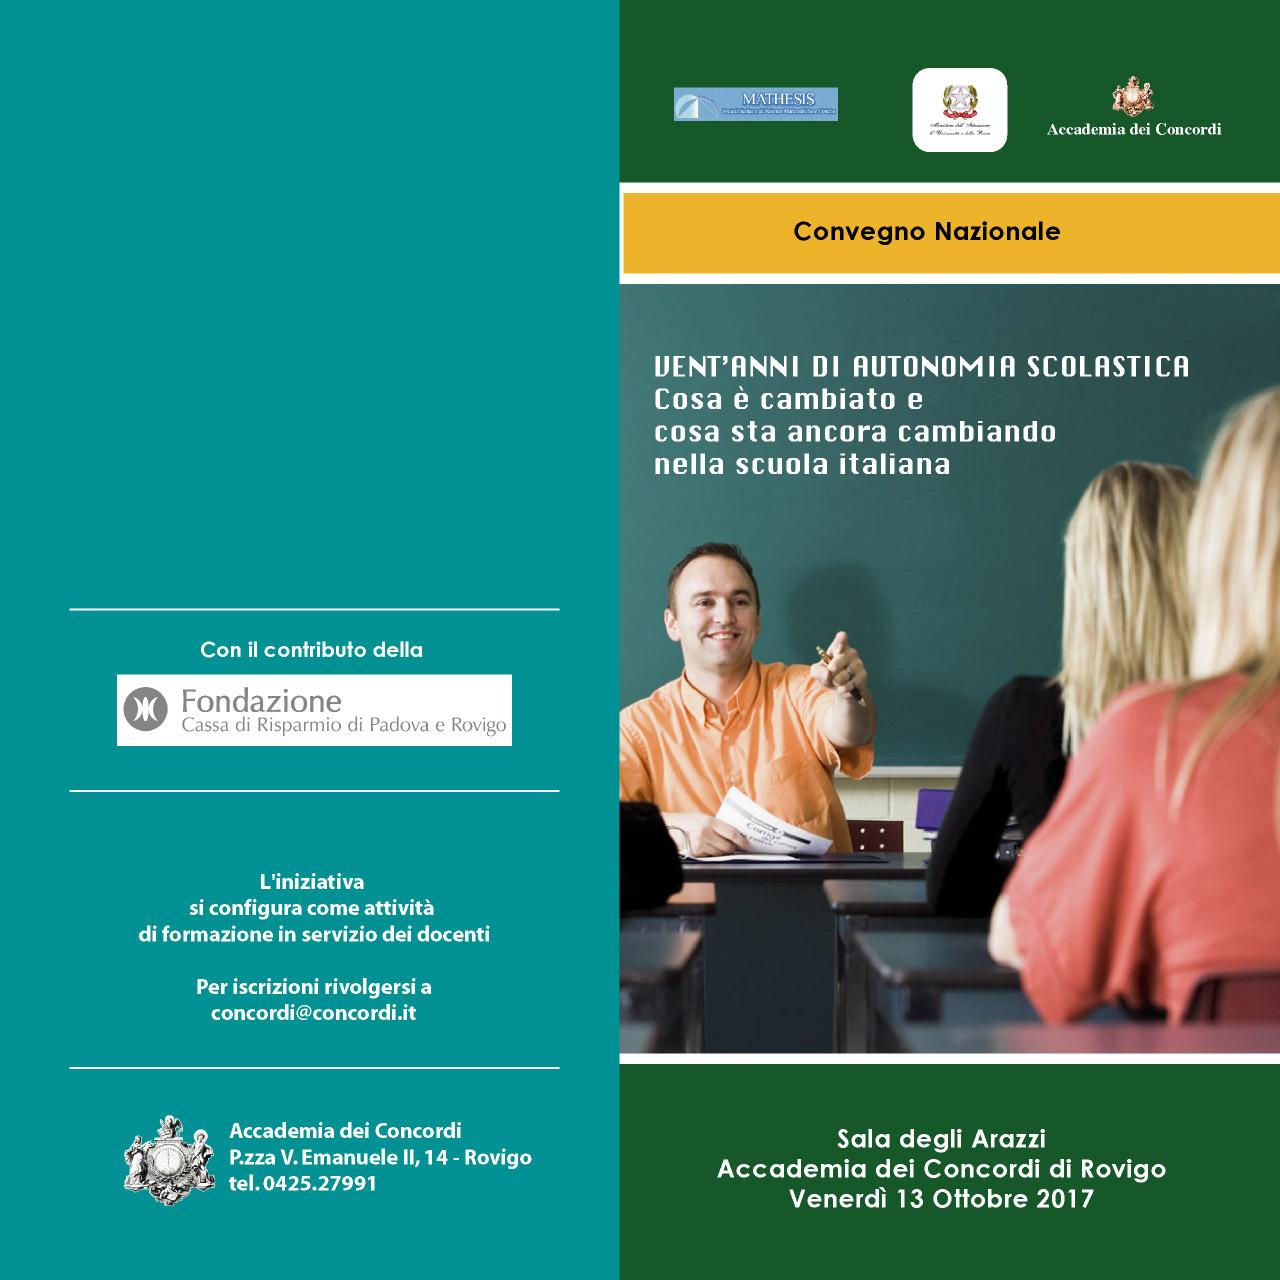 1997-2017: vent'anni di autonomia scolastica. Convegno Mathesis a Rovigo